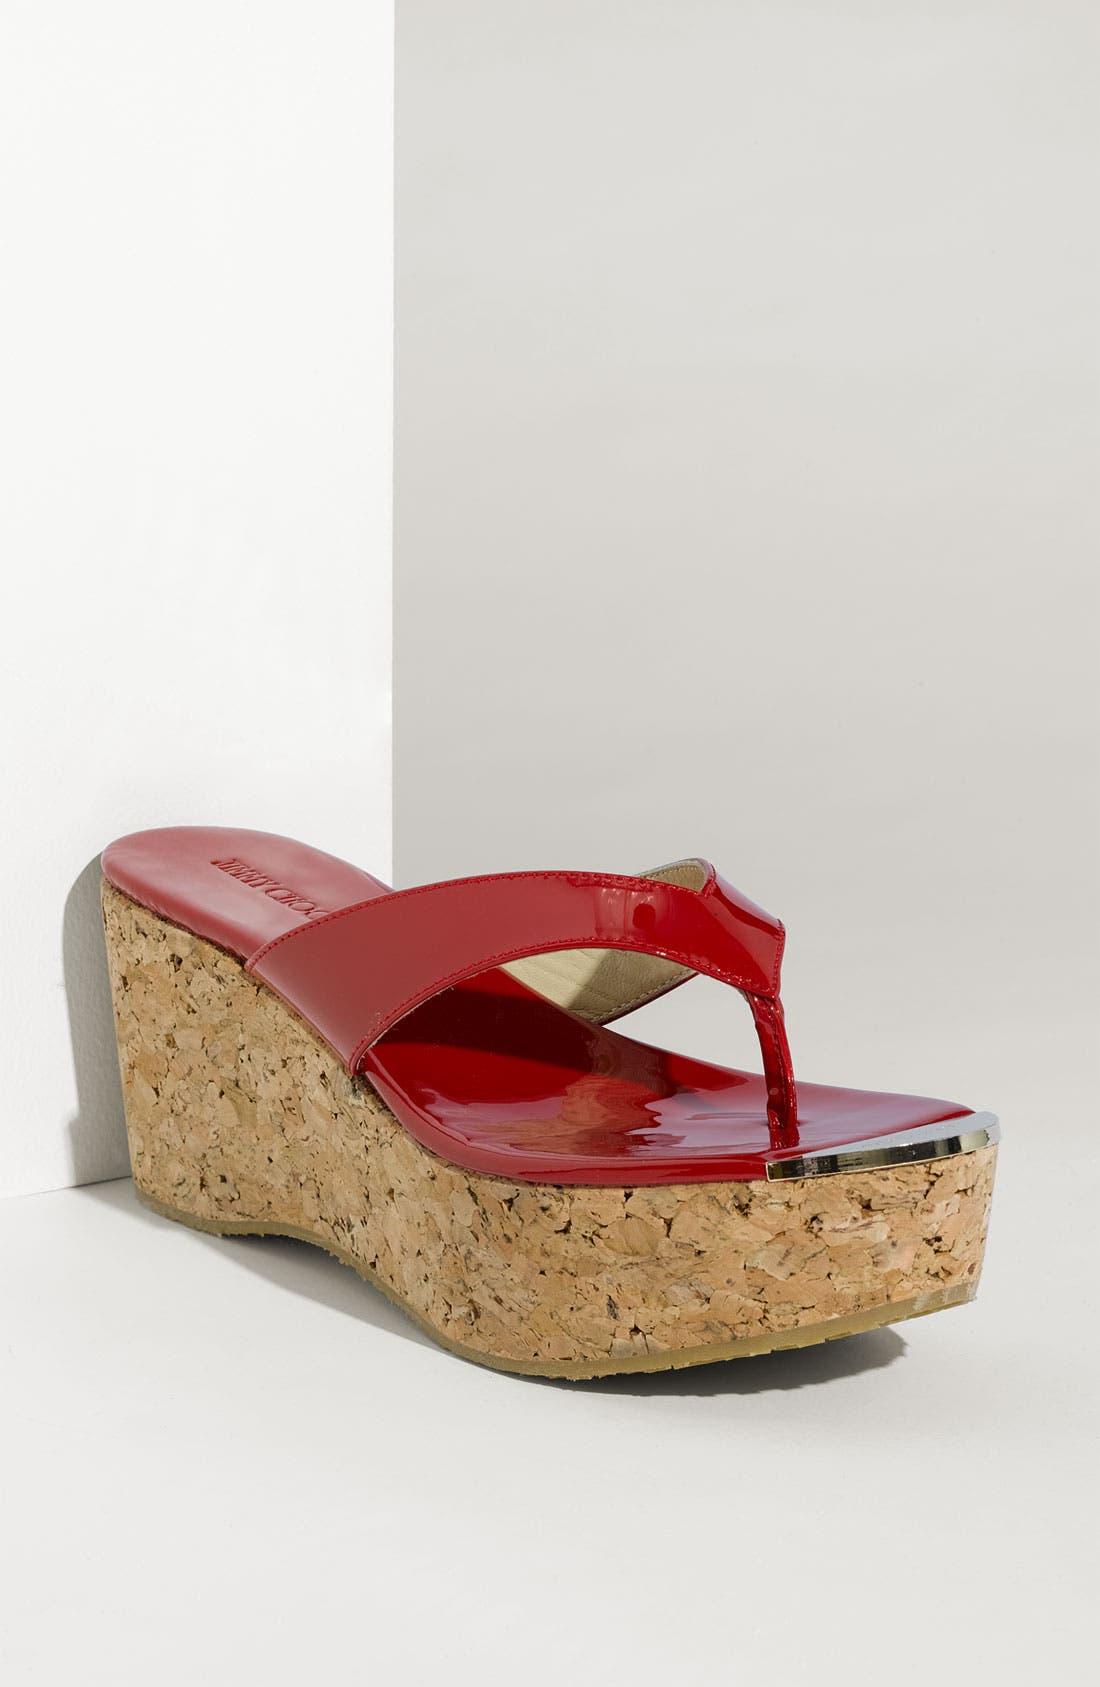 Alternate Image 1 Selected - Jimmy Choo 'Pathos Pat' Cork Wedge Sandal